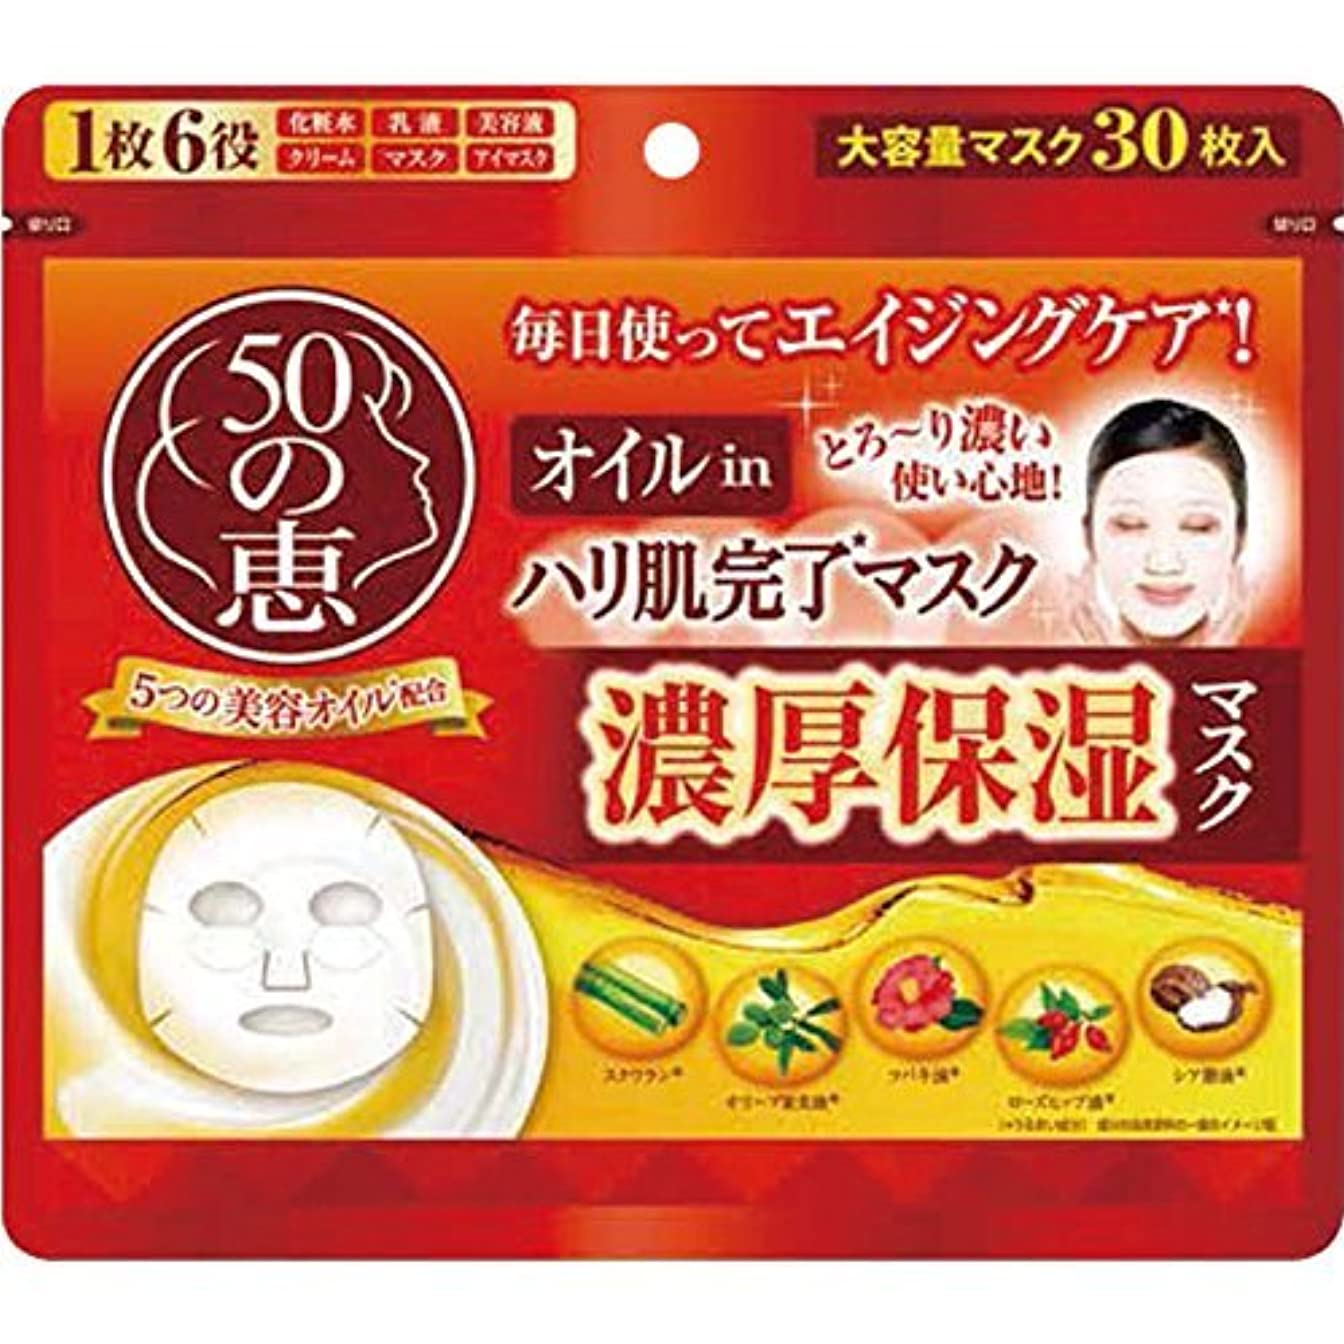 の頭の上敬意50の恵 オイルinハリ肌完了マスク × 6個セット